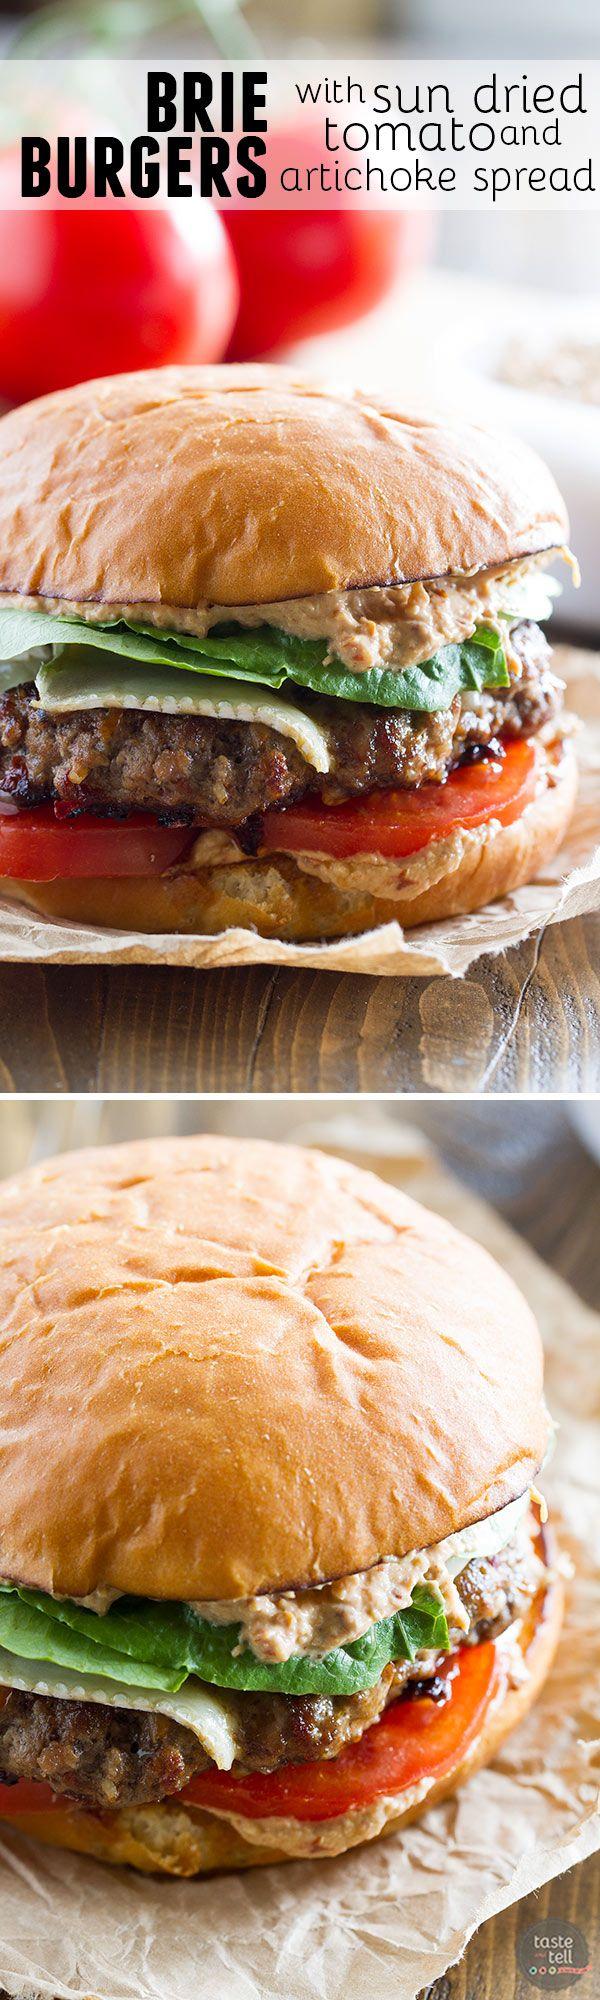 Brie Burger with Sun Dried Tomato and Artichoke Spread